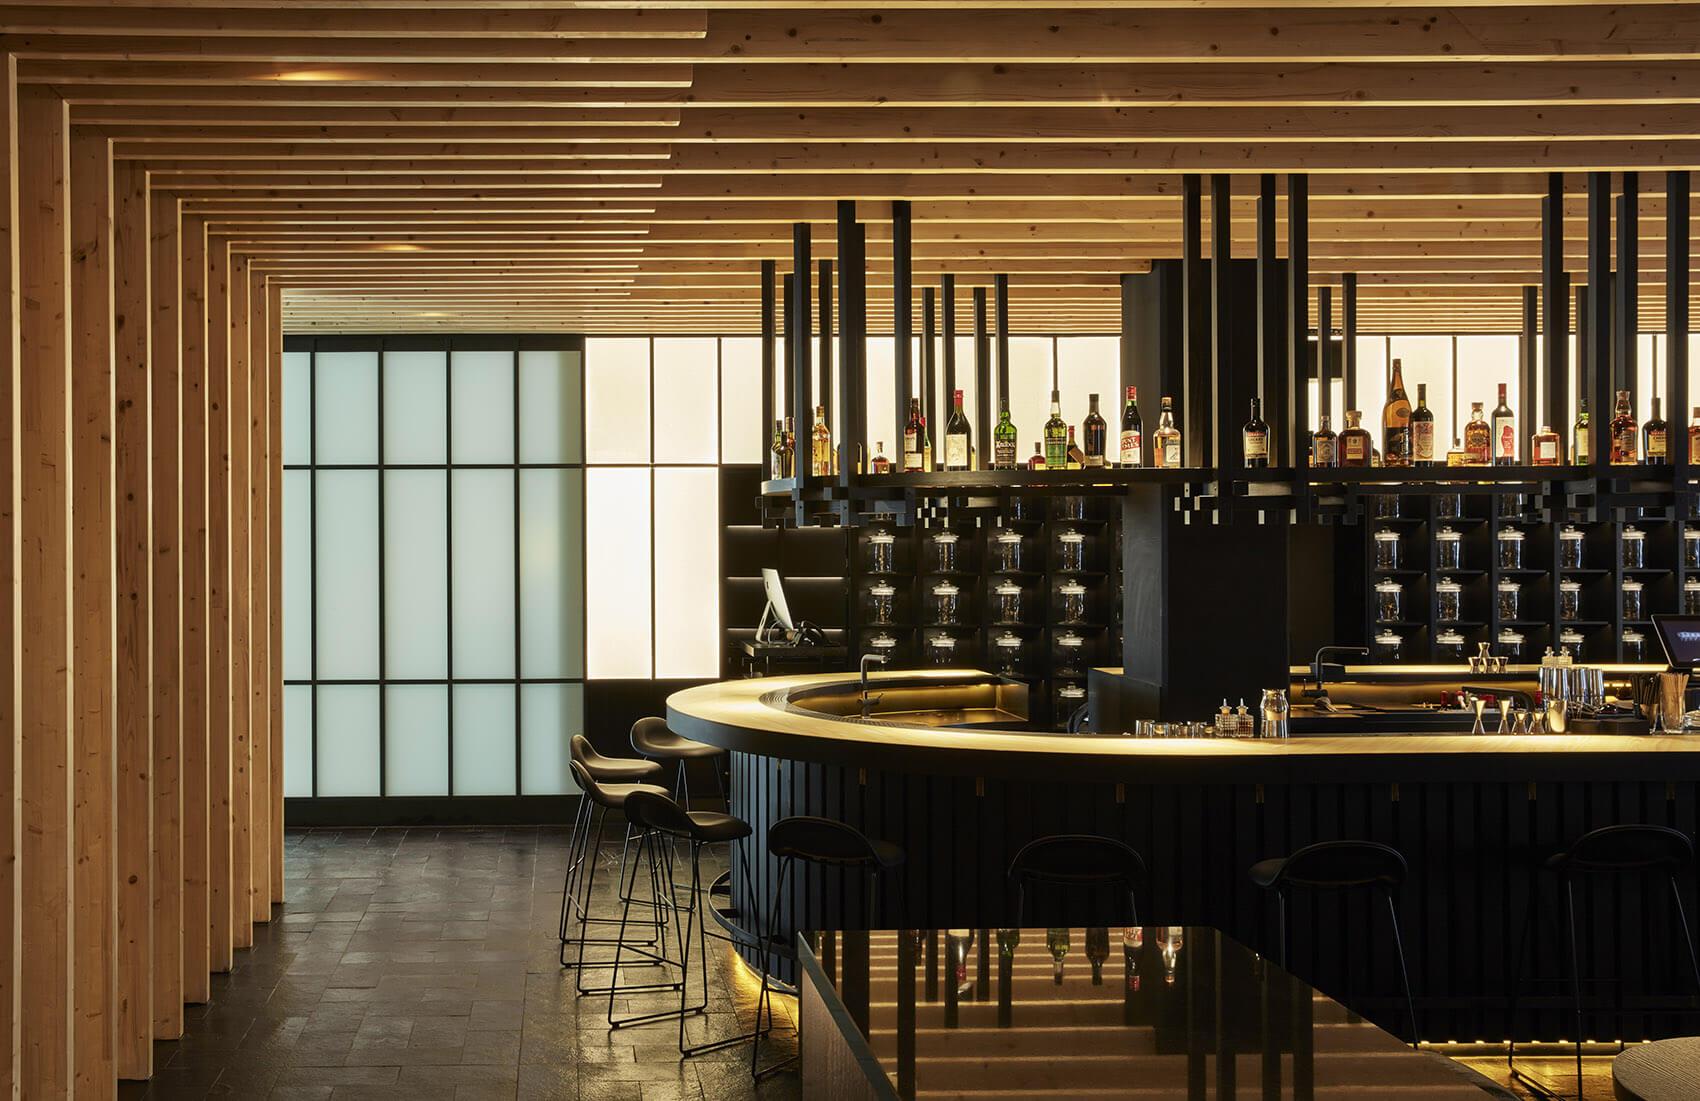 意大利饮食是西餐的起源、法国菜的始祖为意大利菜不仅有悠久的历史、灿烂的文化、雄伟的建筑,更是著名的美食王国。 居酒屋,指日本传统的小酒馆,是提供酒类和饭菜的料理店。 这两种不同风格不同文化的餐饮形式相遇会碰撞出怎么样的火花呢? 来吧我们一起欣赏下吧。 餐厅总览:可以透过外部玻璃看见的开放式厨房  这间餐厅,可以透过入口处的玻璃看见餐厅的开放式厨房。